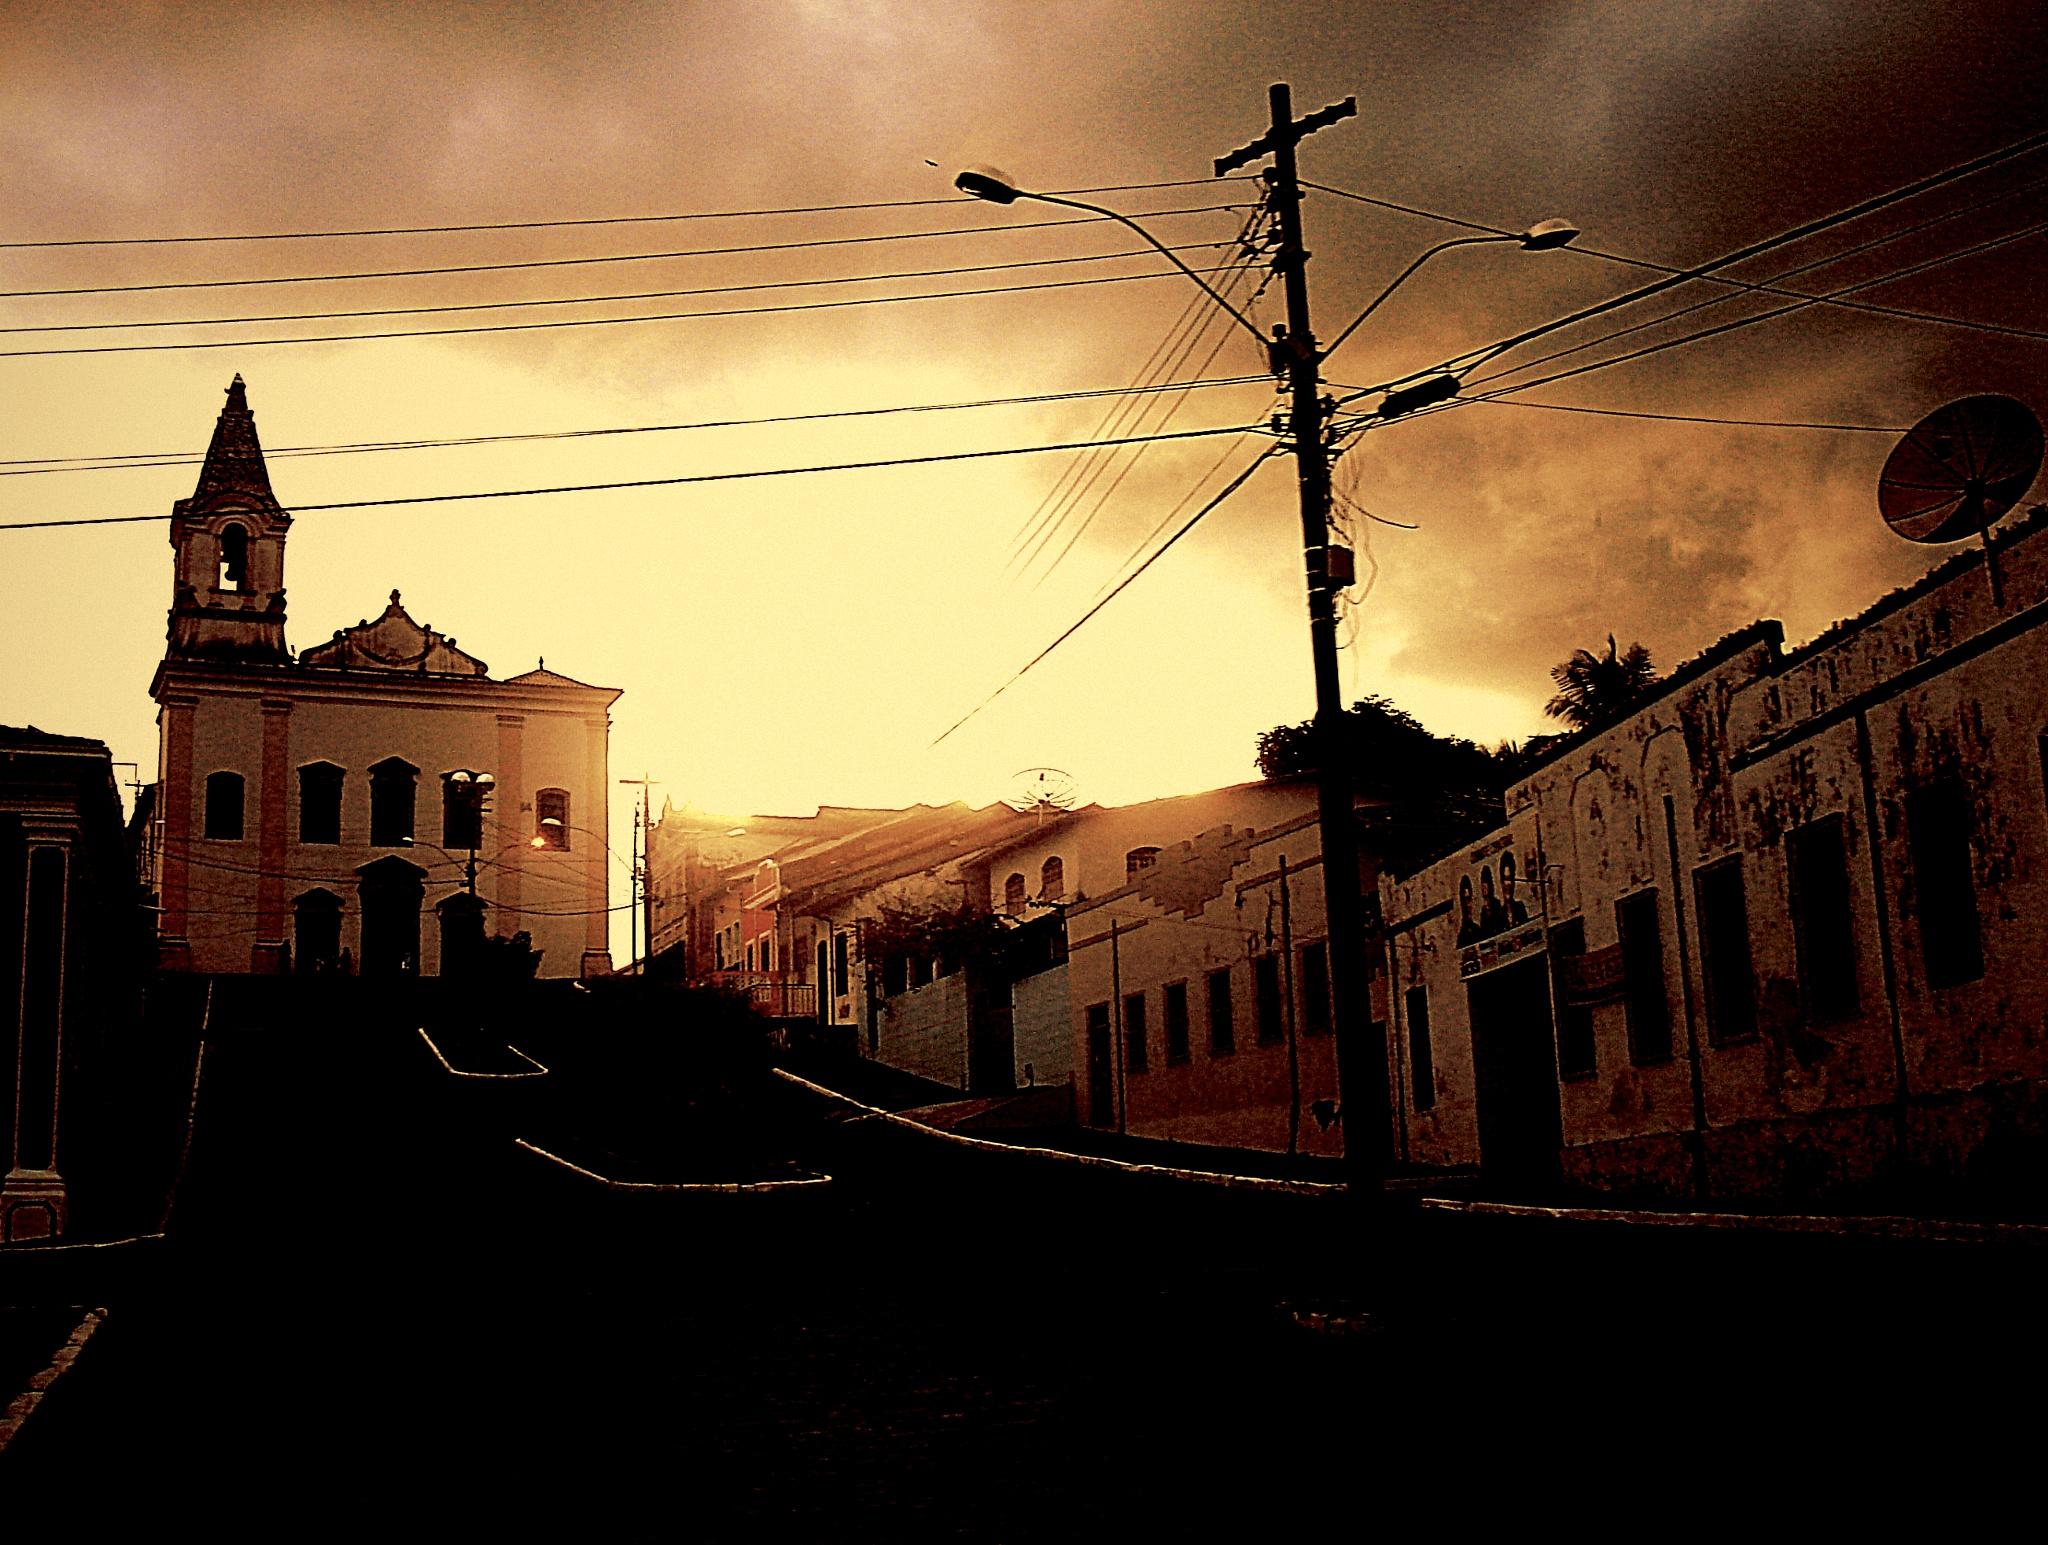 The night arriving in Santo Amaro by Fernanda Salem